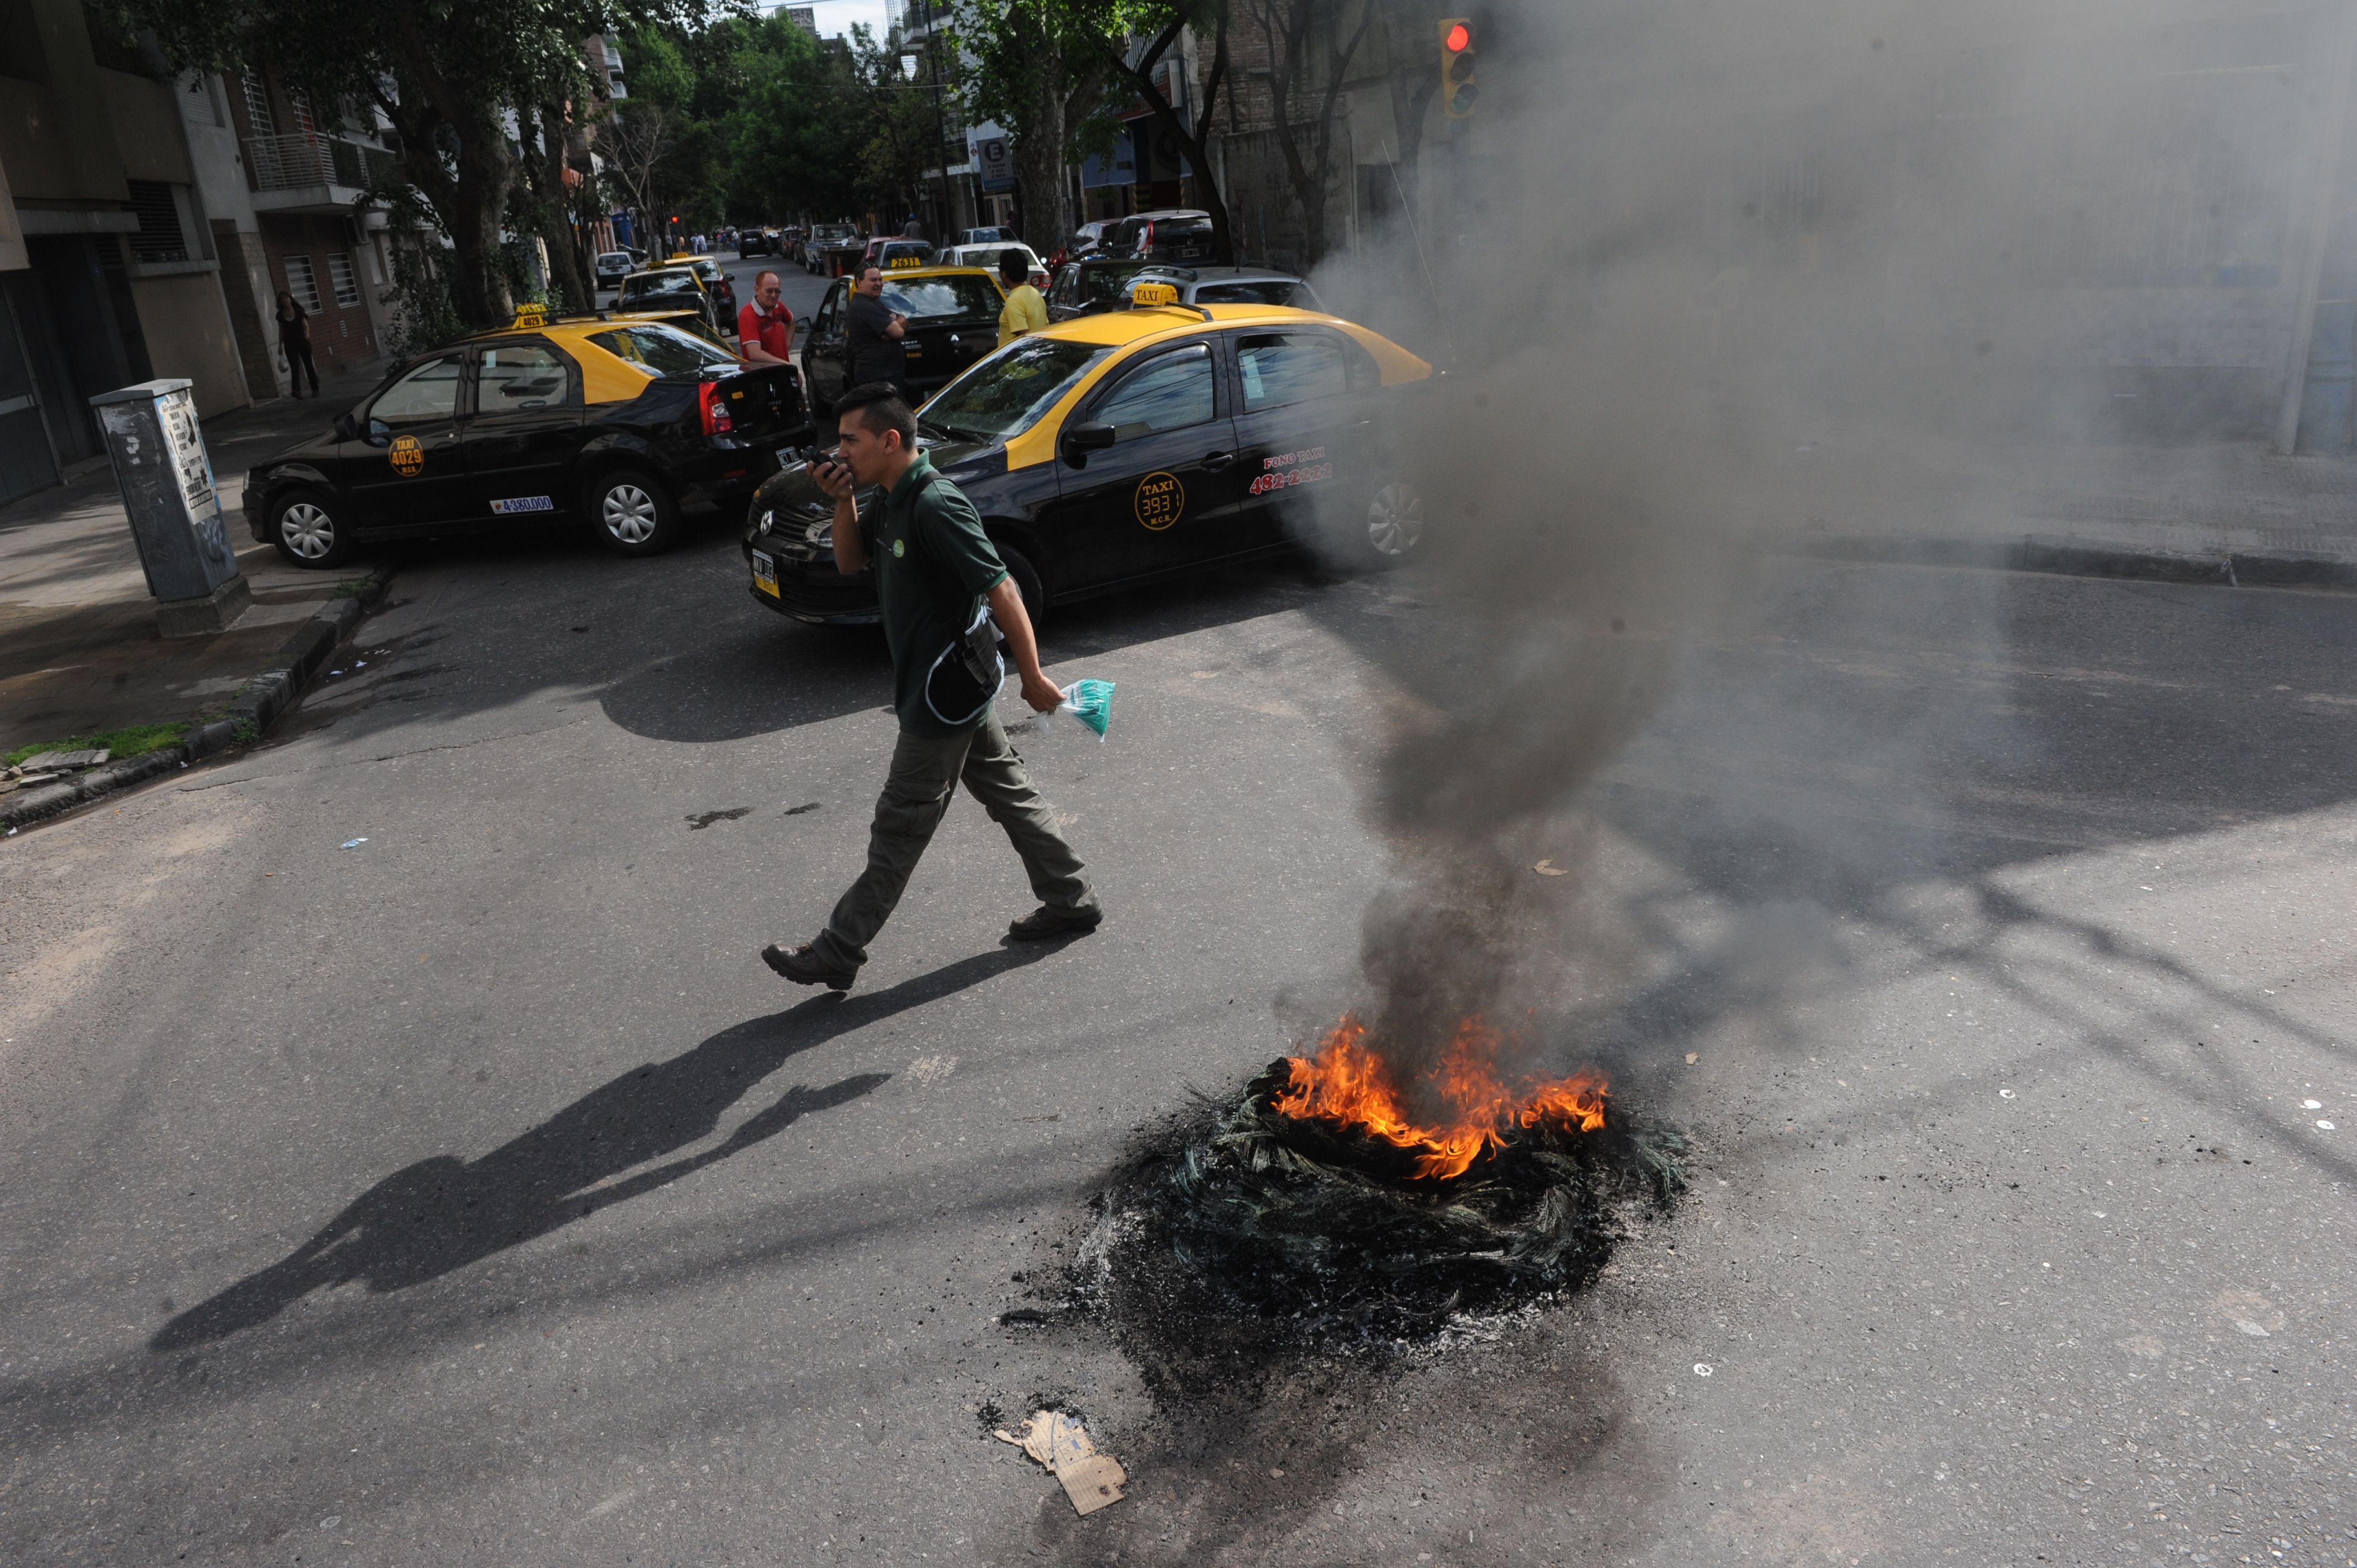 Protesta. Los taxistas vienen realizando movilizaciones para exigir mayor seguridad. (Foto: S.S.Meccia)